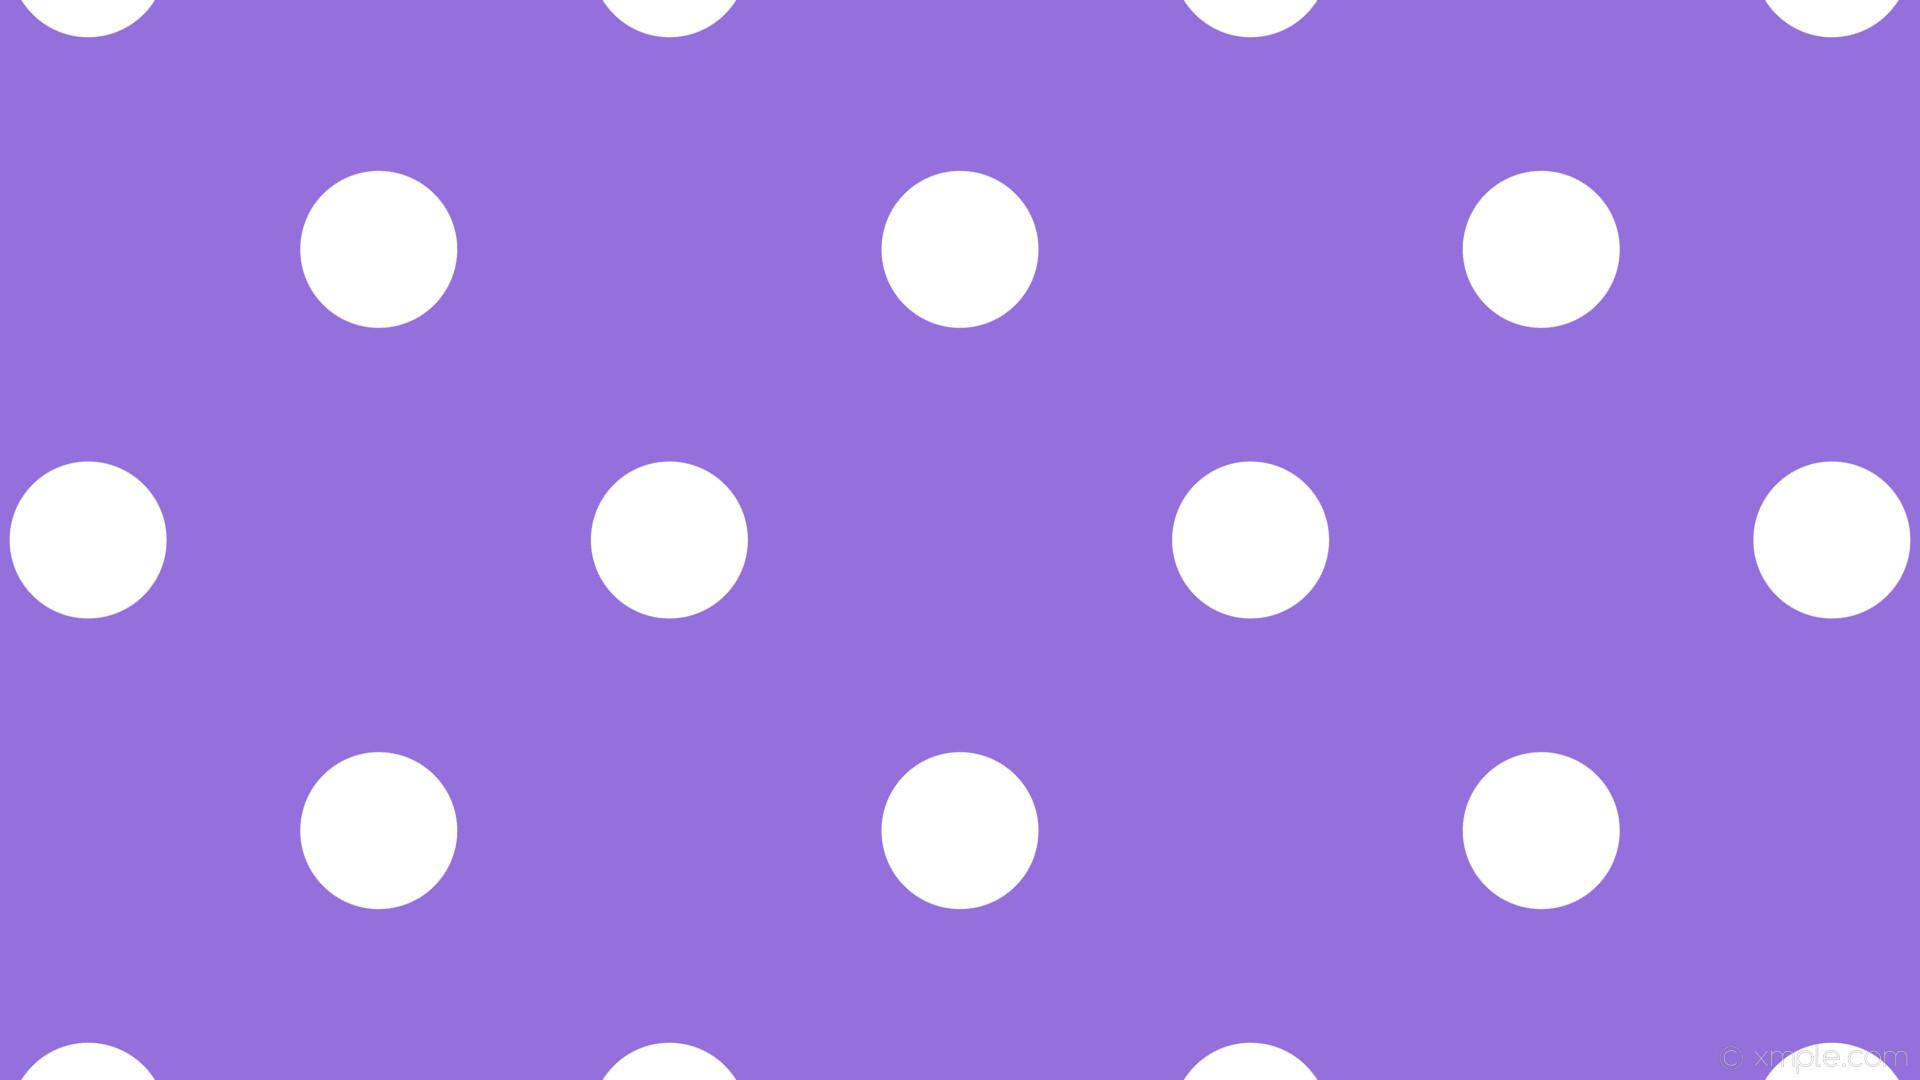 wallpaper purple white dots polka spots medium purple #9370db #ffffff 45°  157px 411px